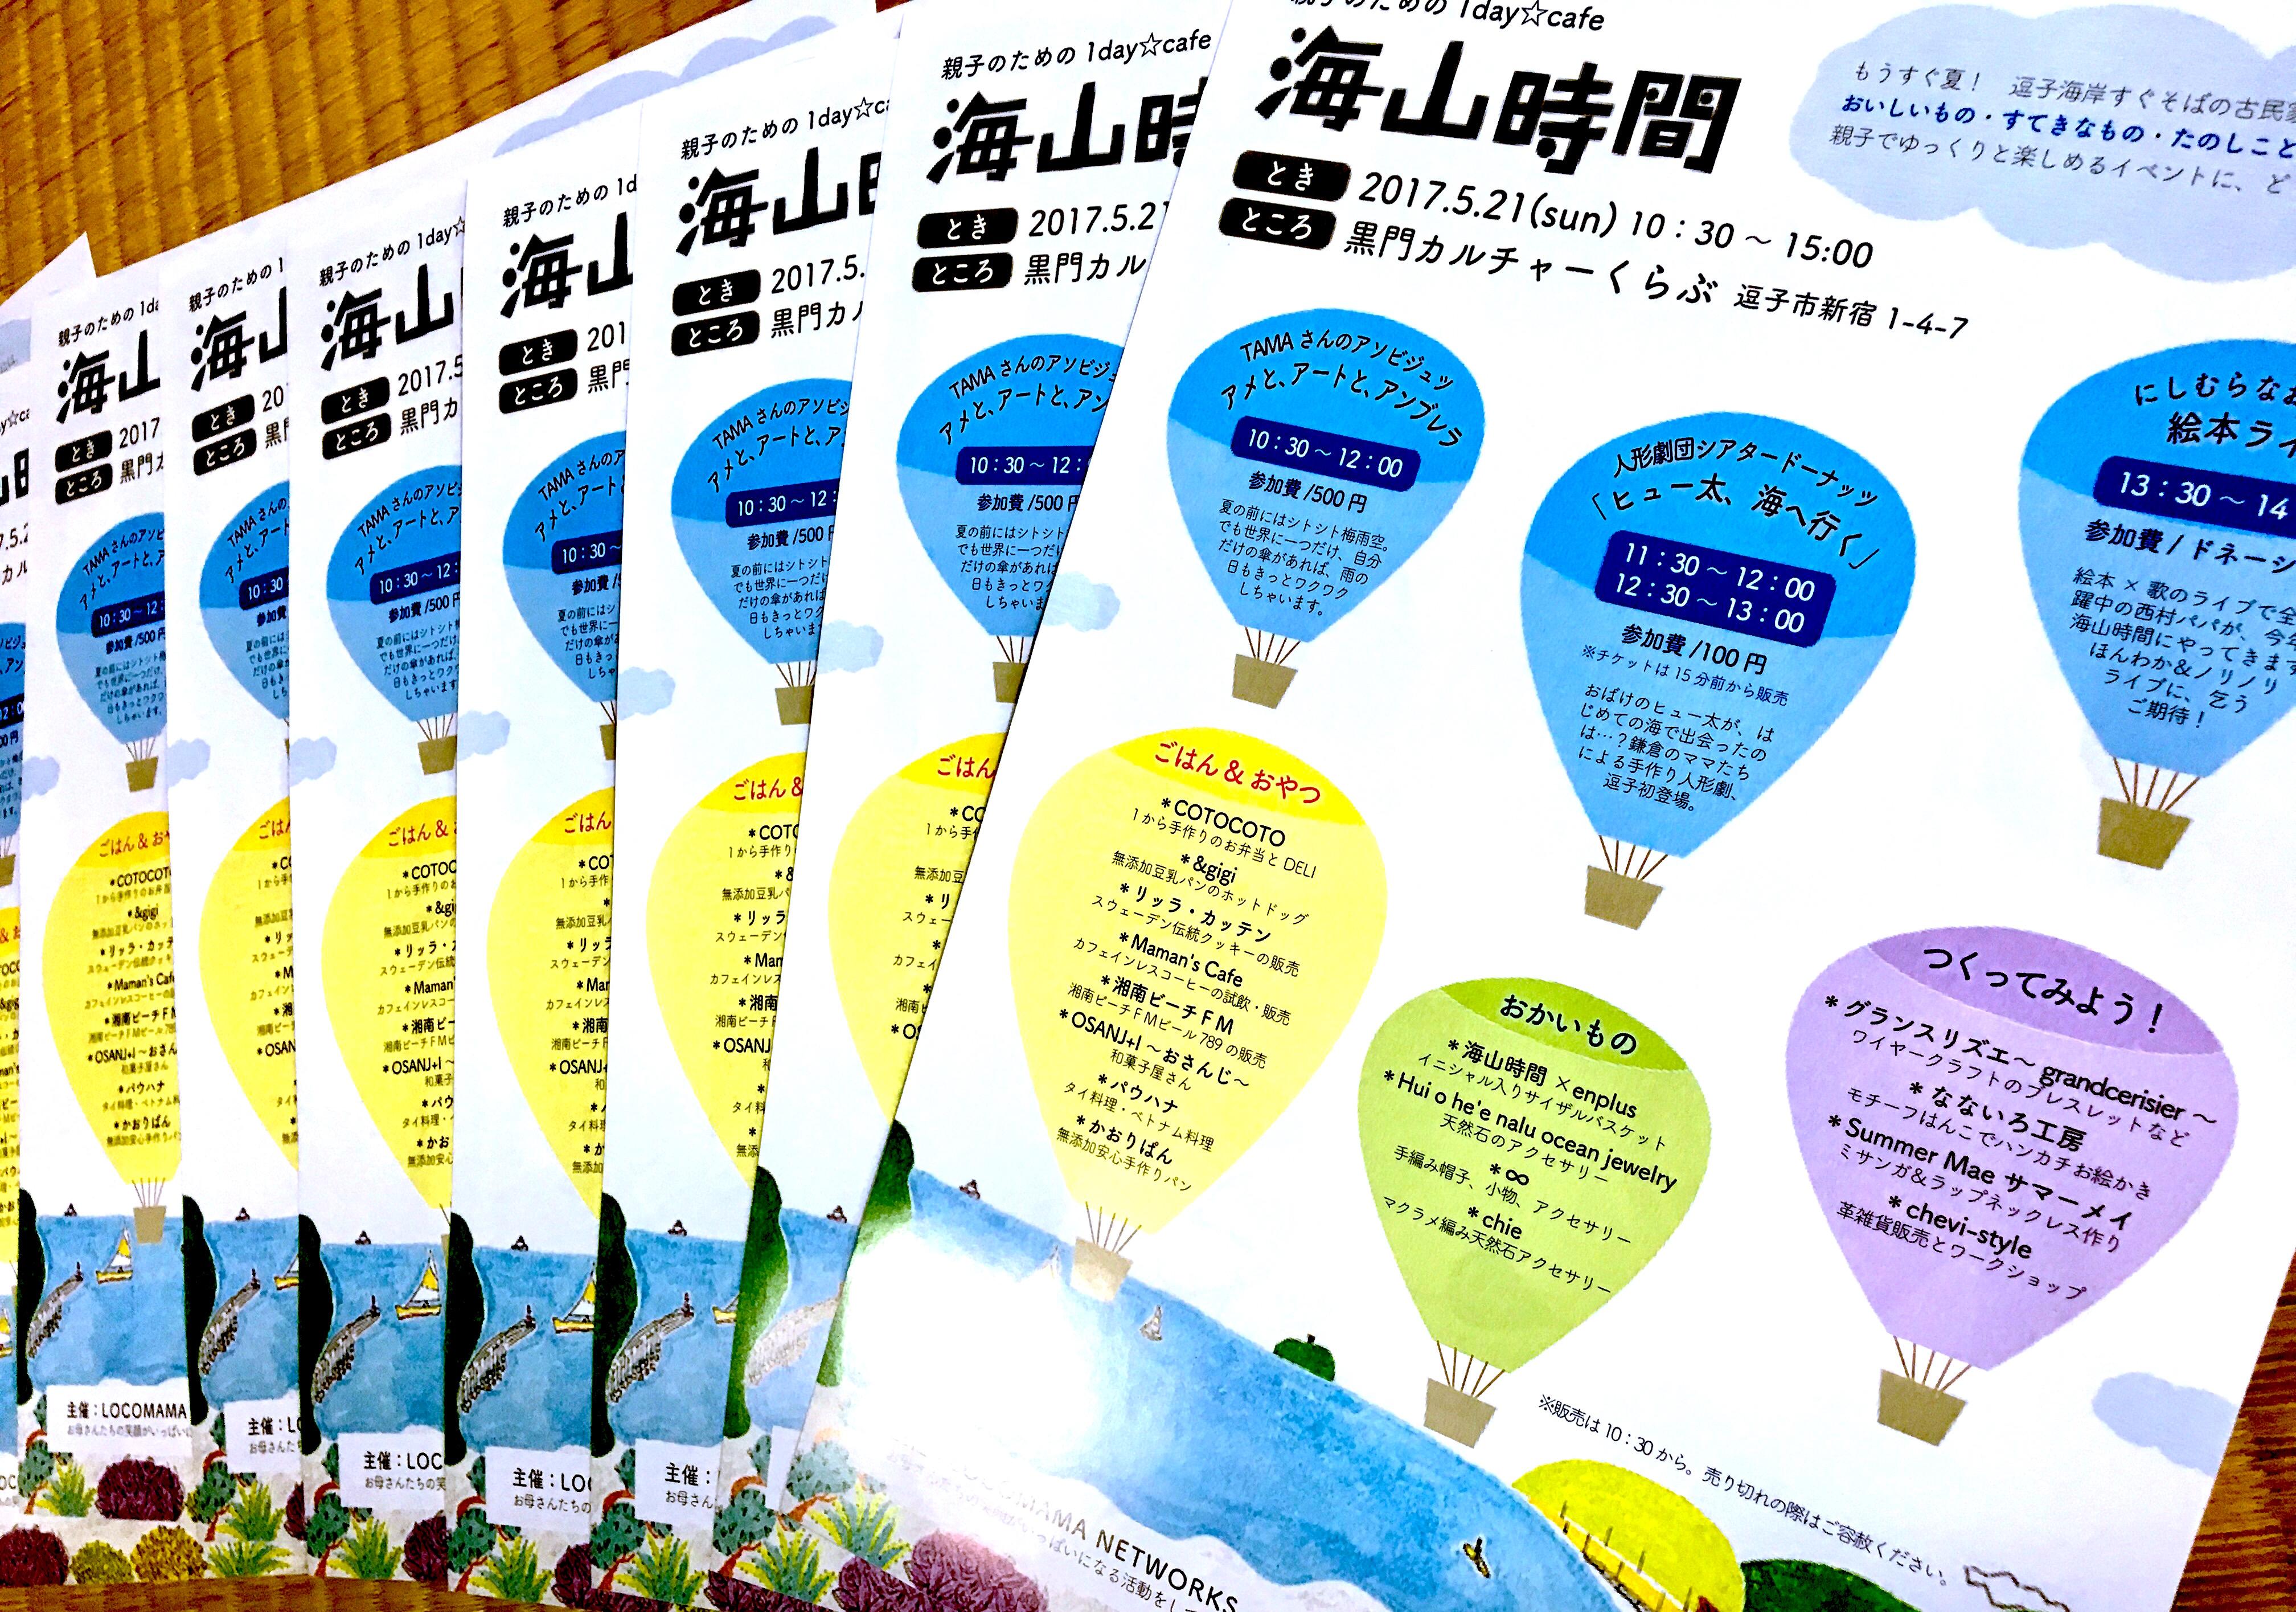 5月21日は海山時間の1day☆cafe〜西村直人さん19回目の逗子ライブ!晴れ伝説更新なるか!?